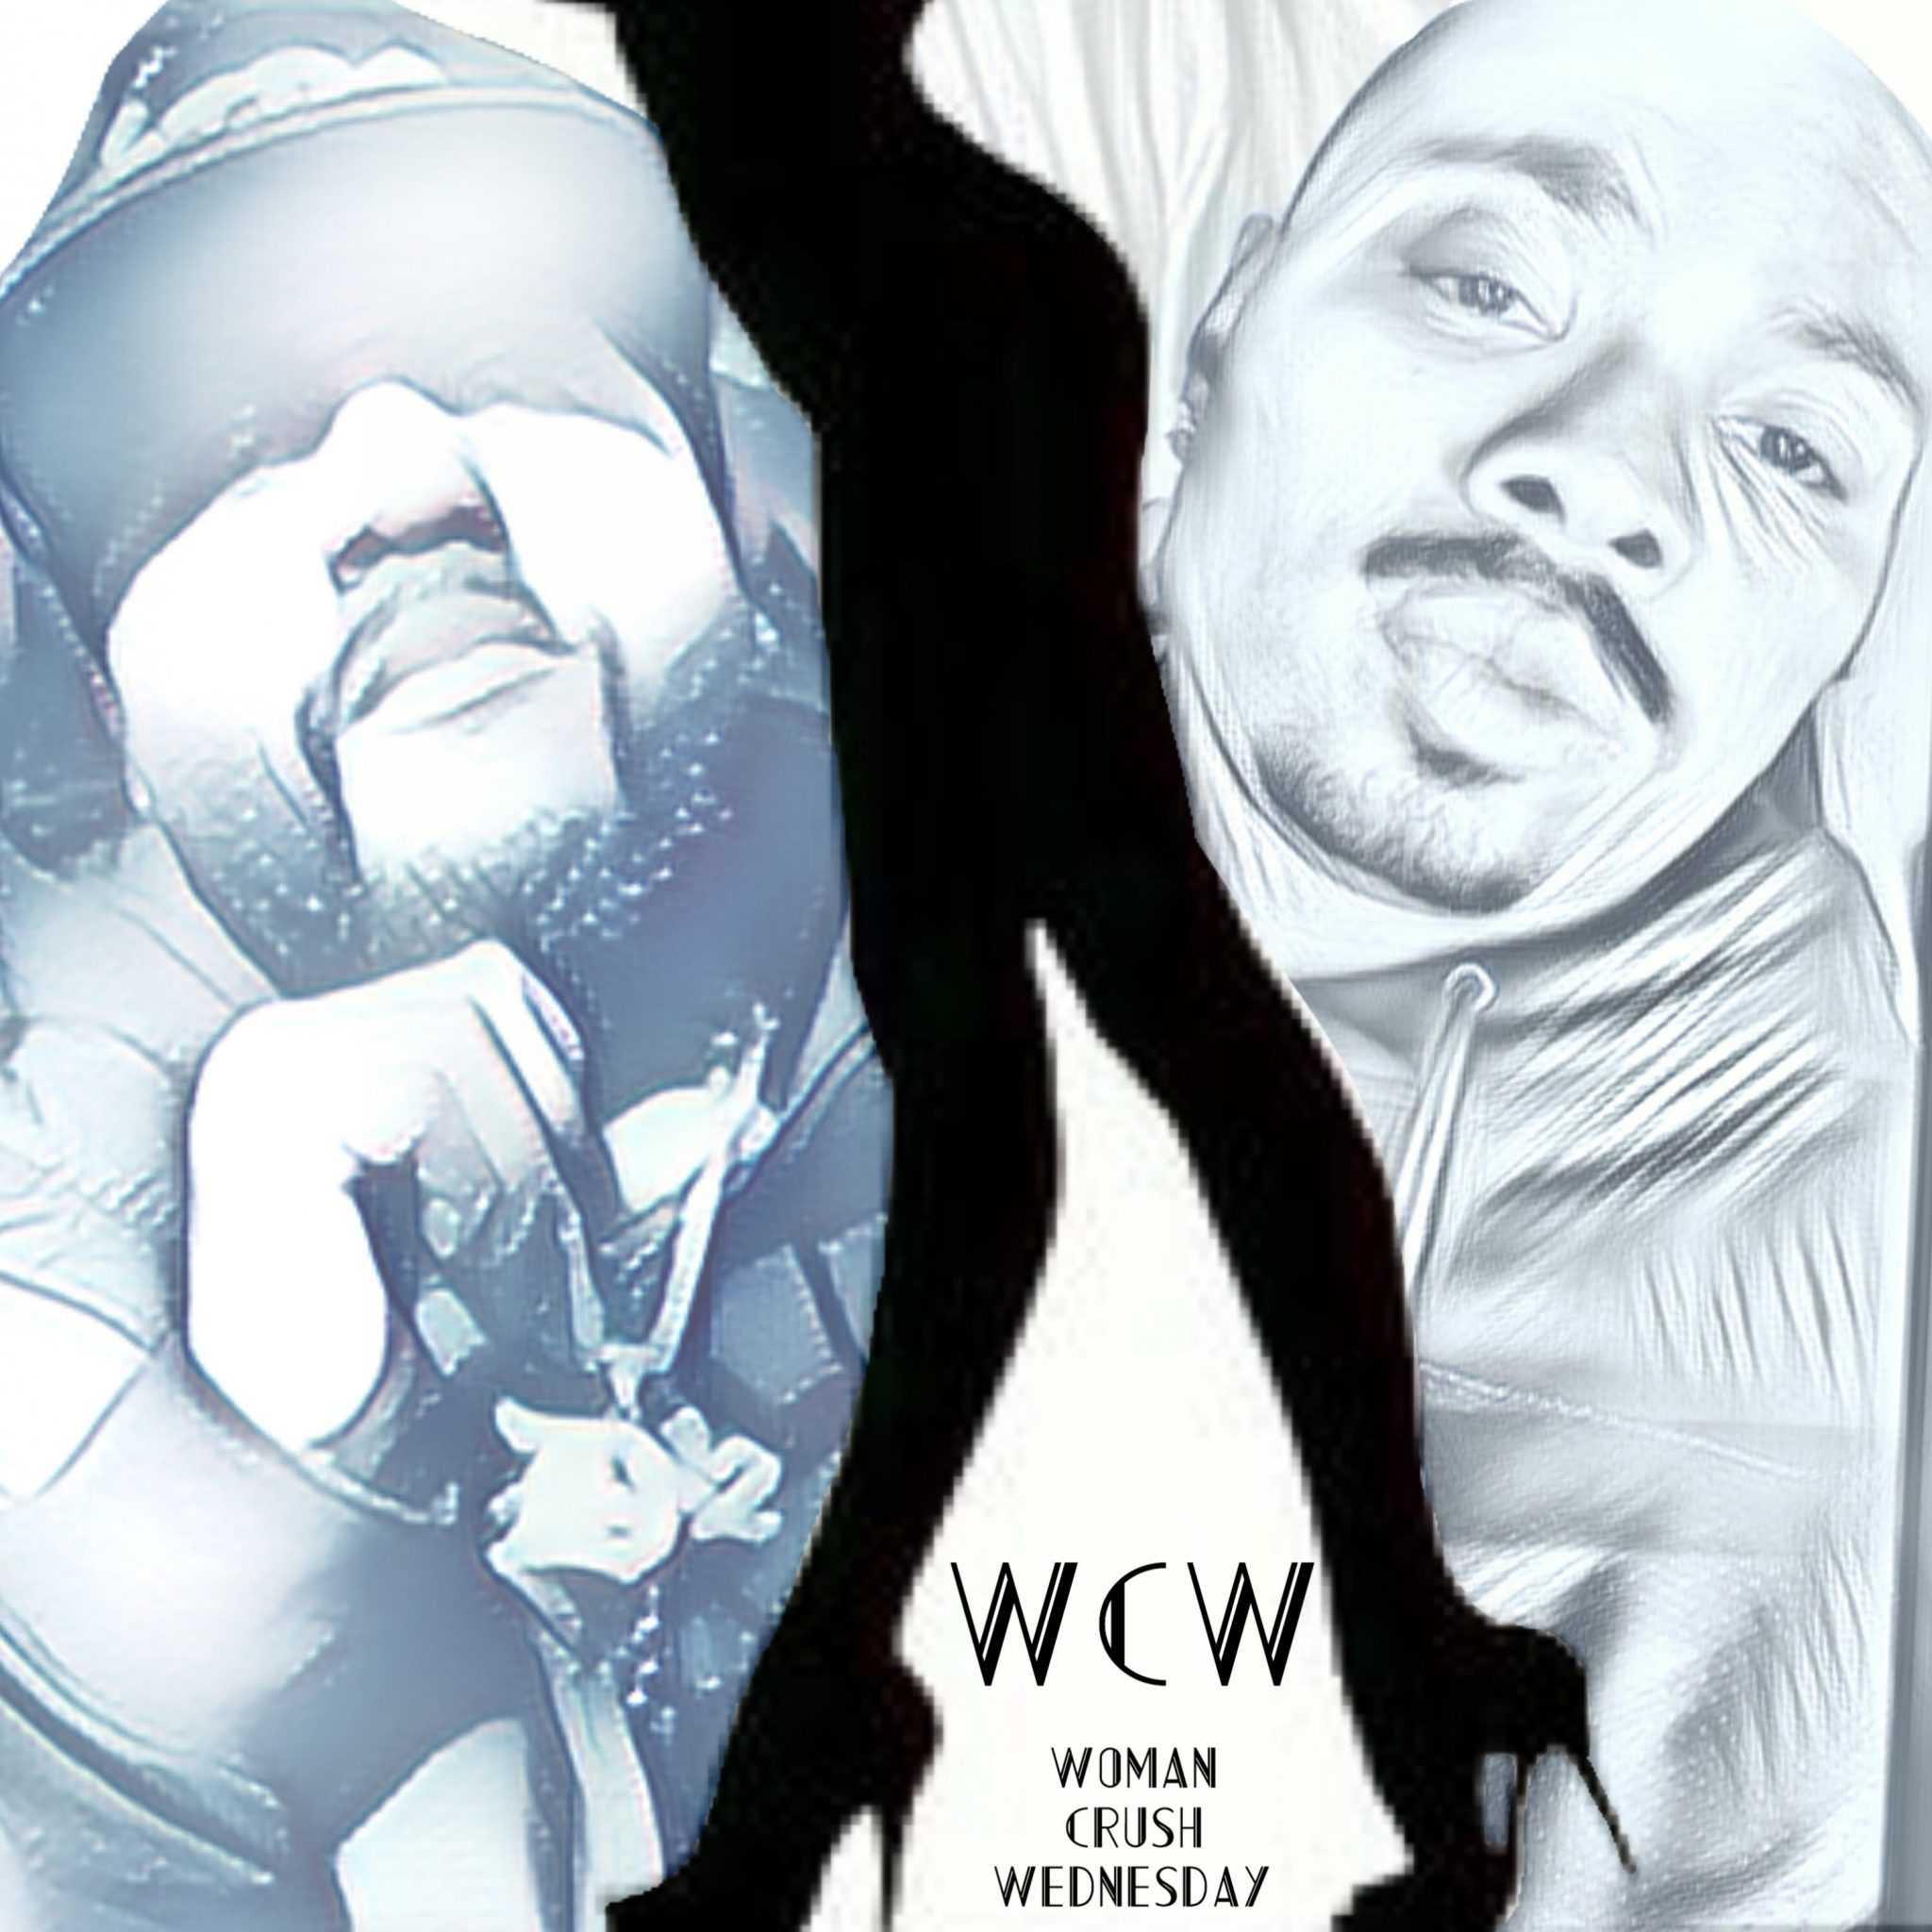 Page Kennedy - W.C.W. (Woman Crush Wednesday) (feat. Kuniva) [Audio]